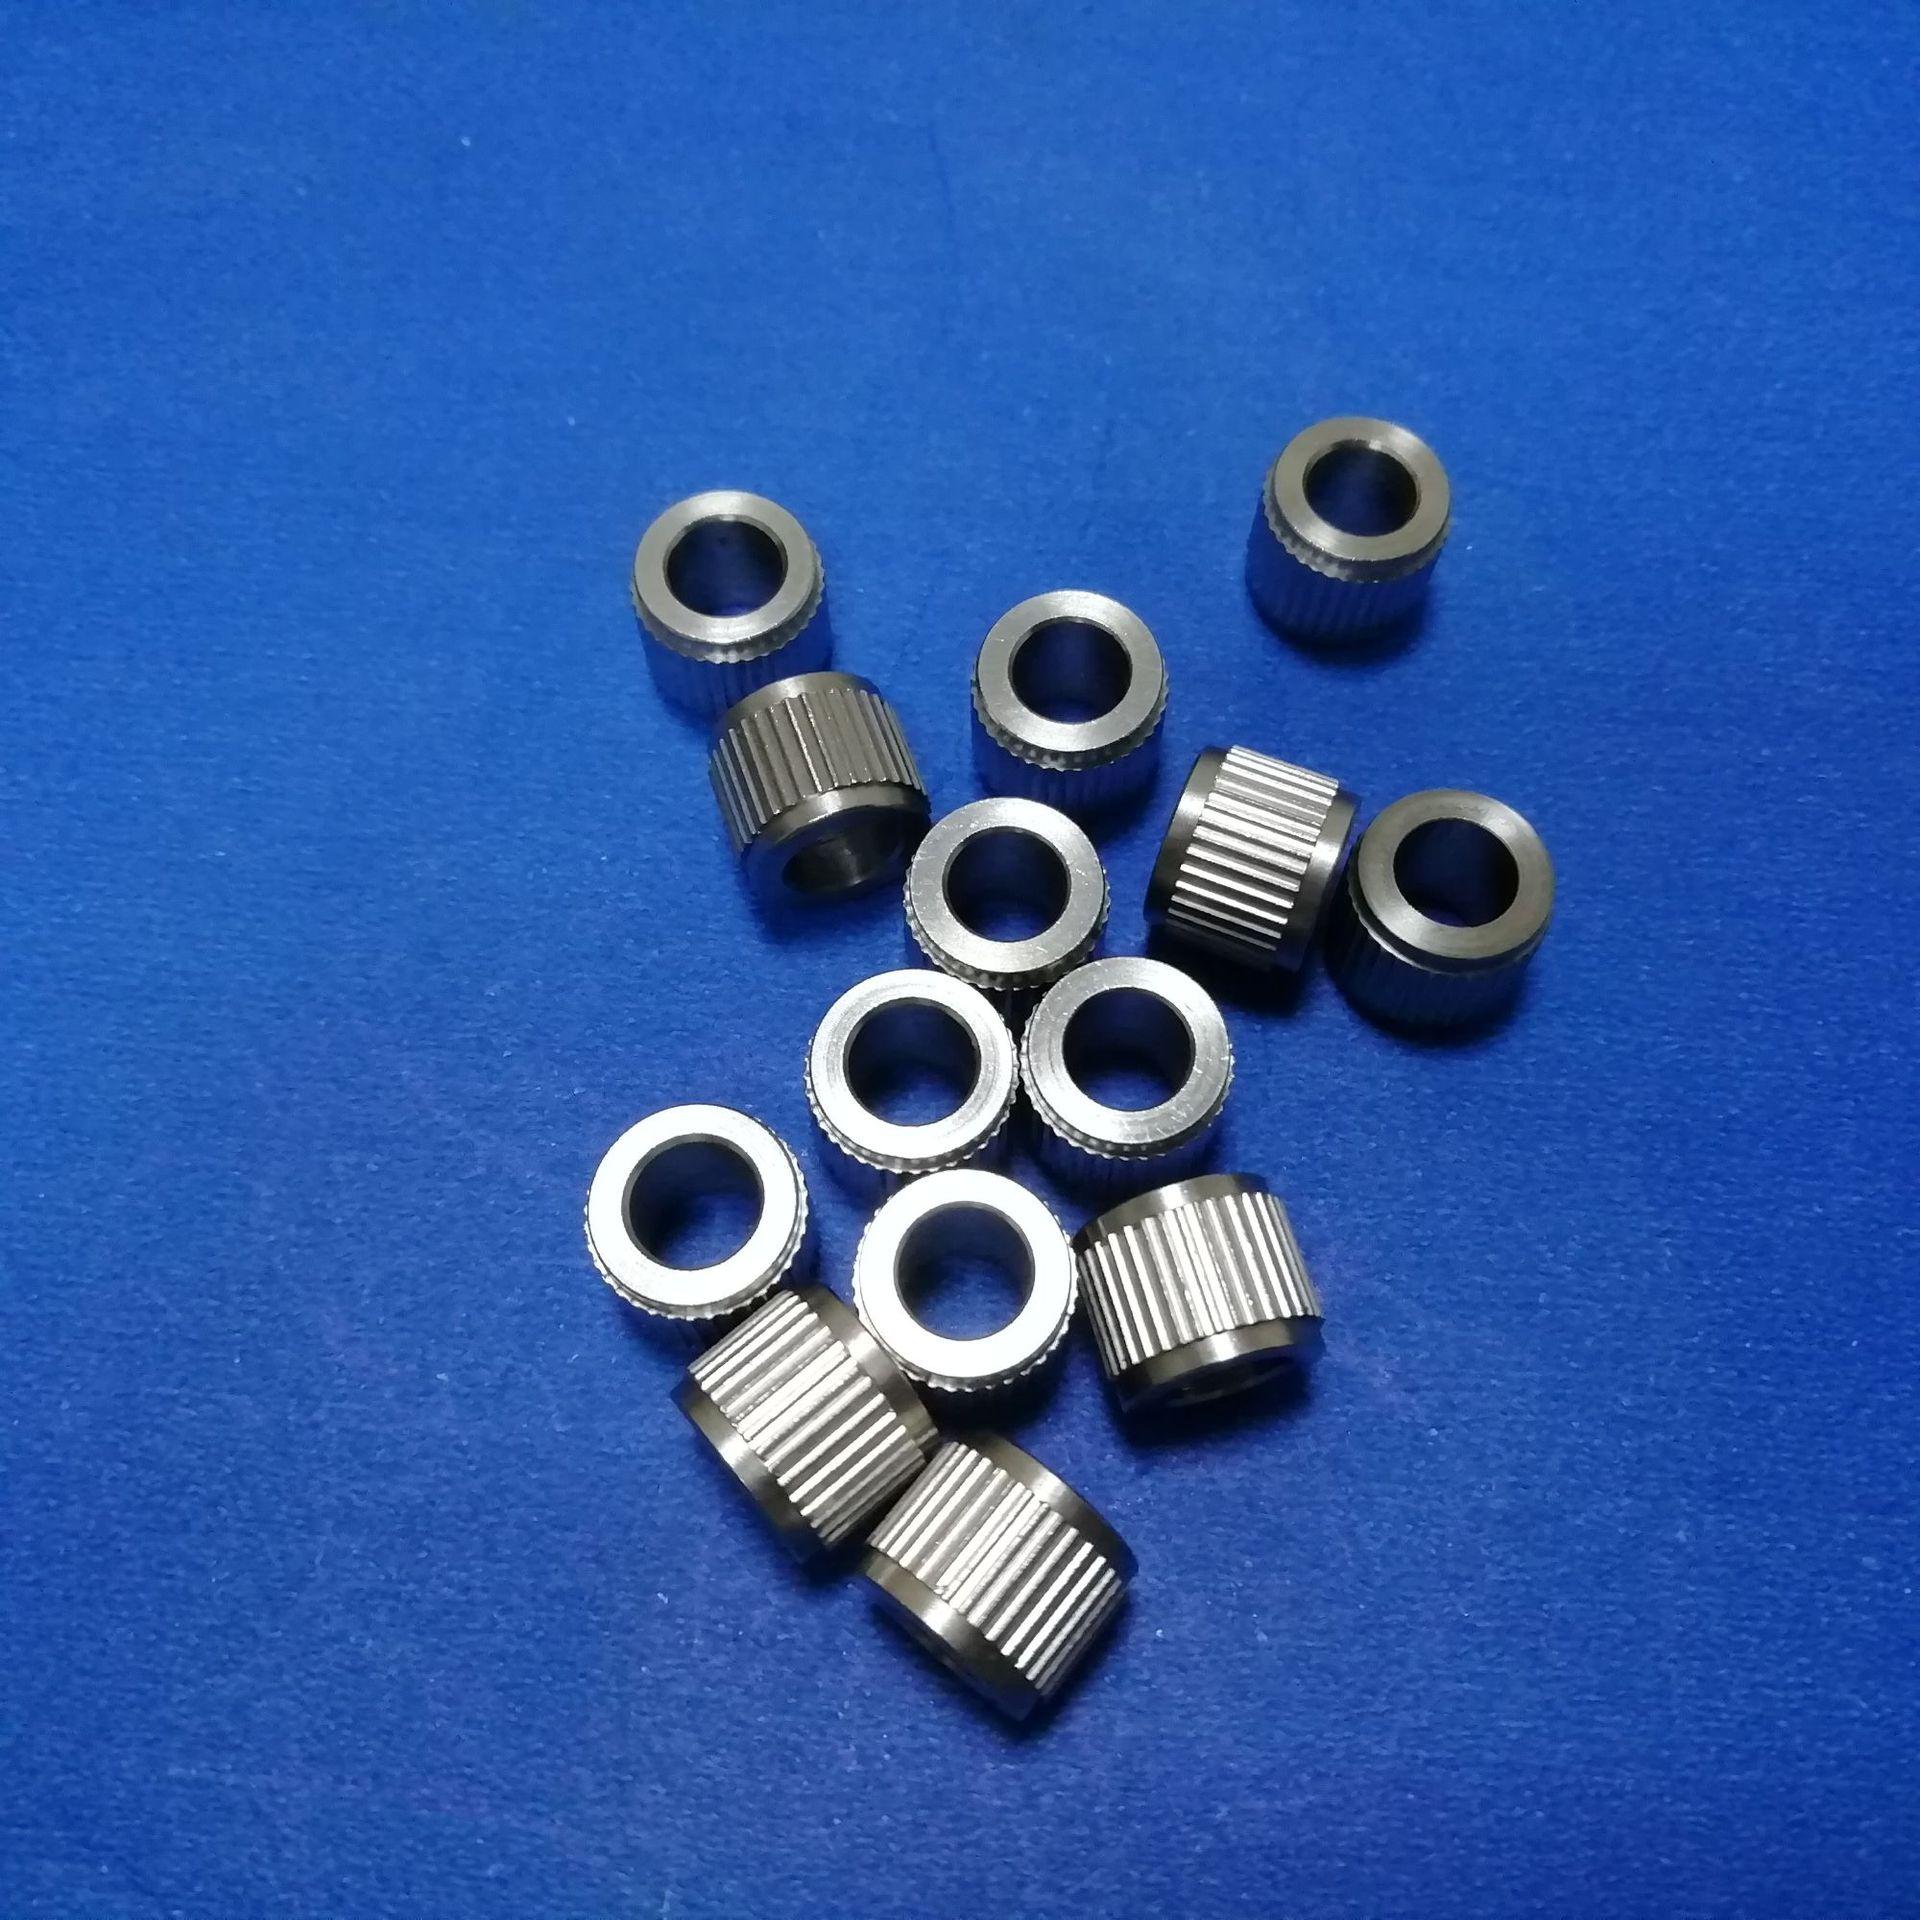 Linh kiện điện tử CNC chuyên nghiệp máy tiện CNC bộ phận xử lý tất cả các loại bộ phận gia công kim